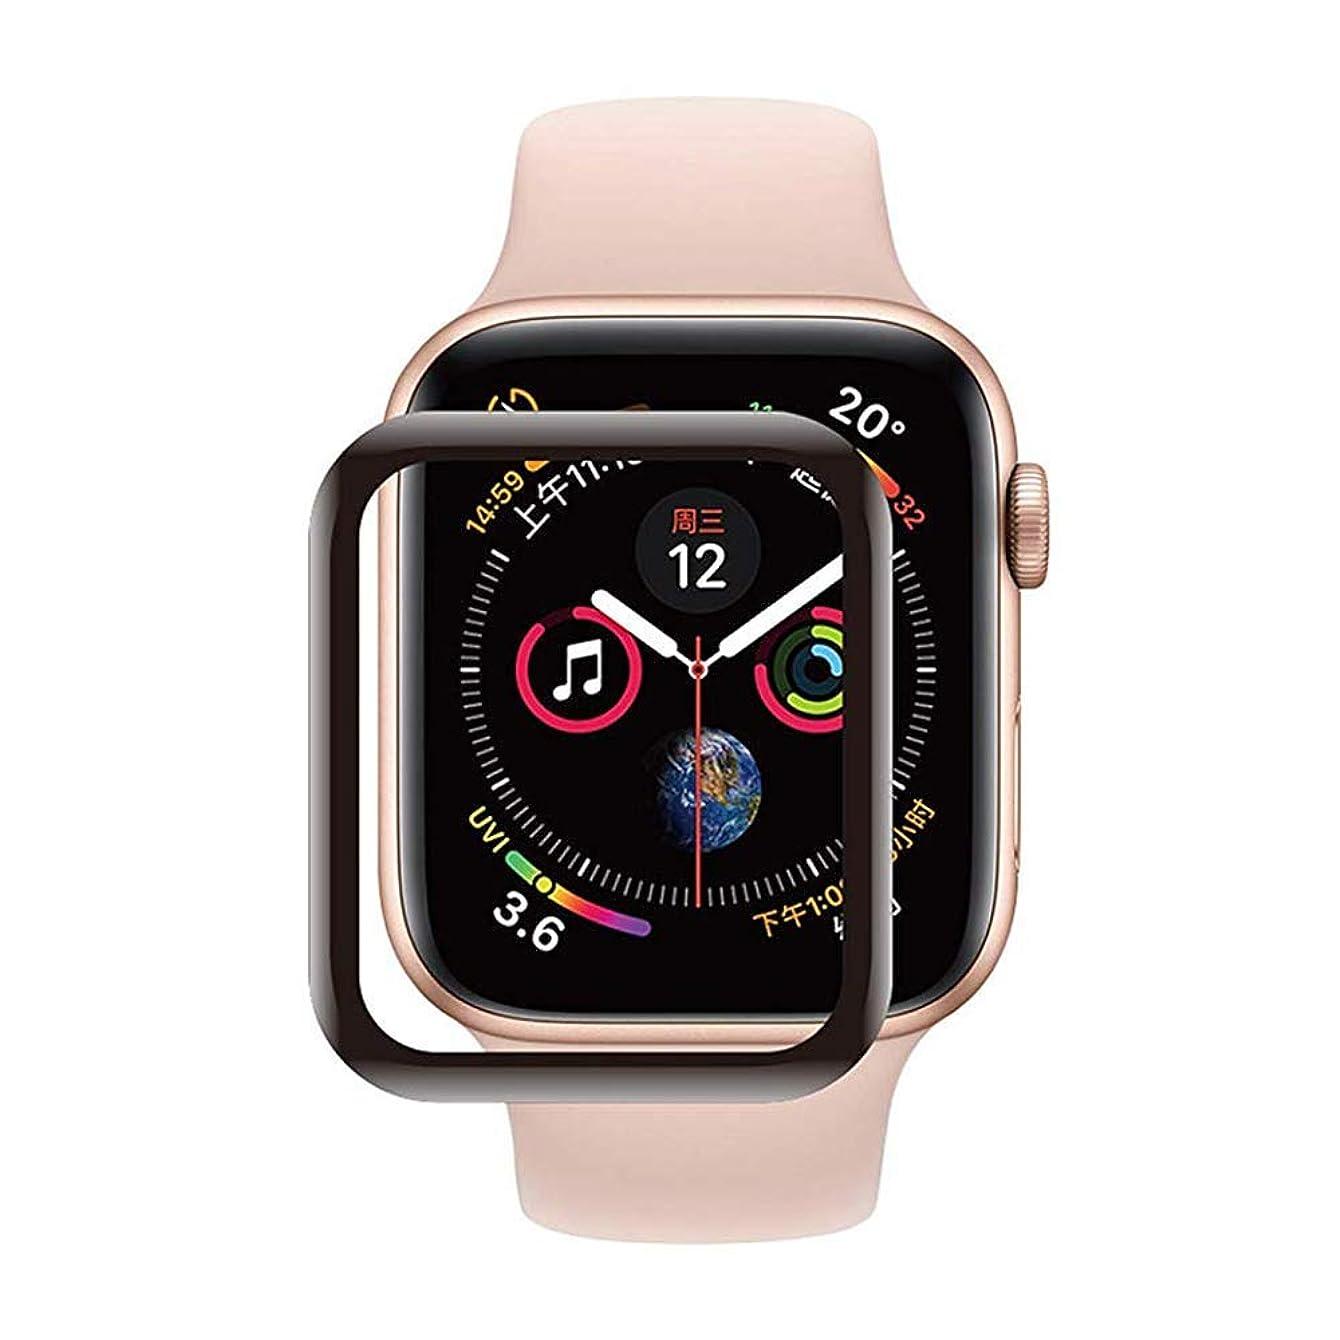 自分の混沌請求書KONEE Apple Watch Series 5 フィルム 40mm 【永久保証】 高透過率 タッチ感いい 3?保護フイルム 全面吸着 気泡ゼロ 飛散防止 液晶保護 耐衝撃 アップル ウォッチ シリーズ 5 ガラスフィルム